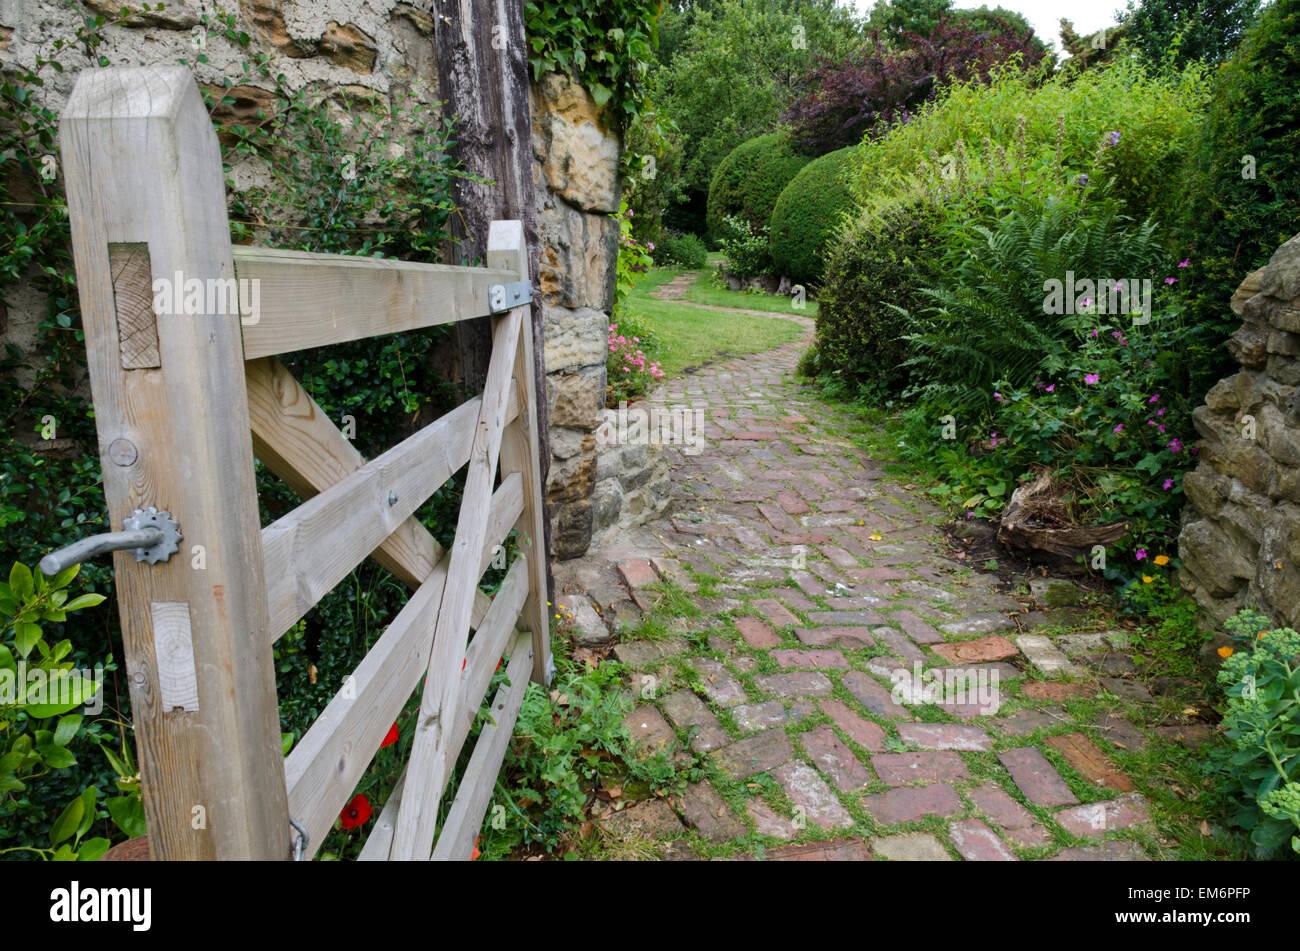 Garden Gate English Country